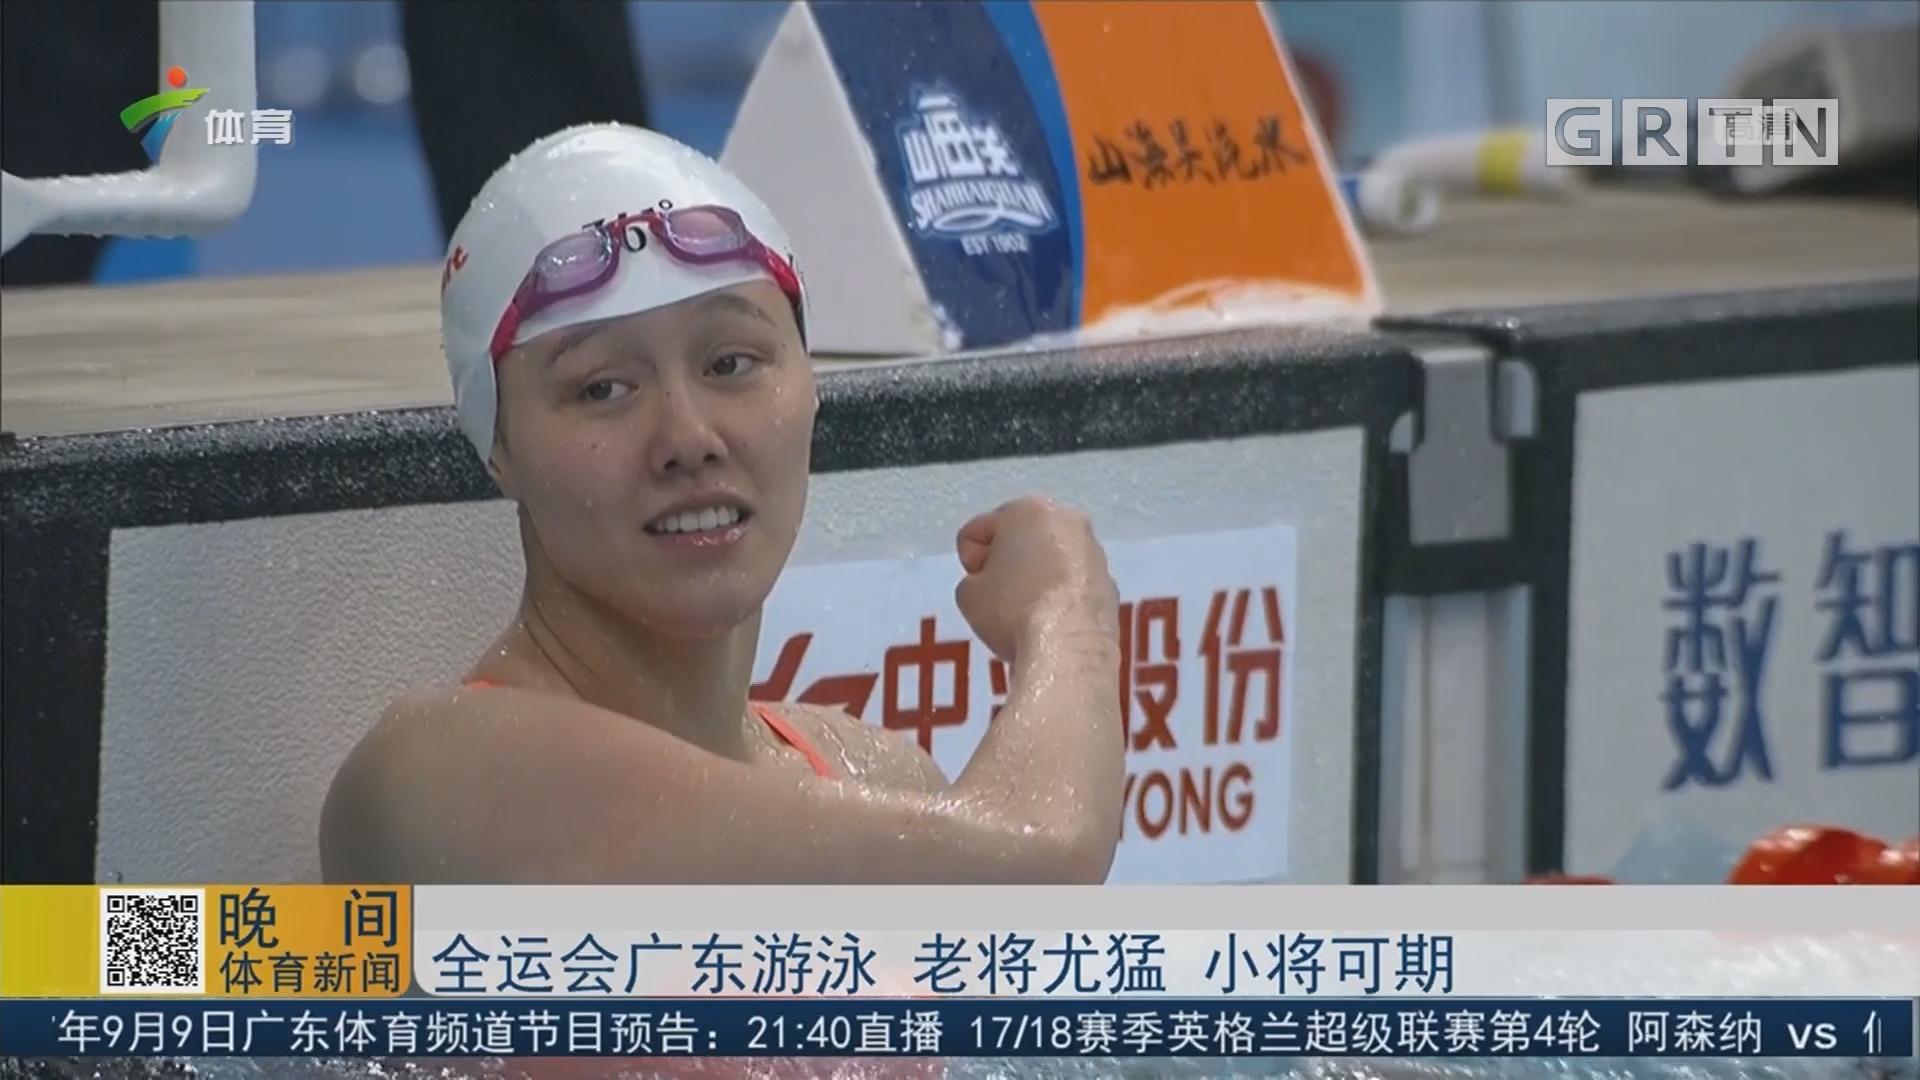 全运会广东游泳 老将尤猛 小将可期